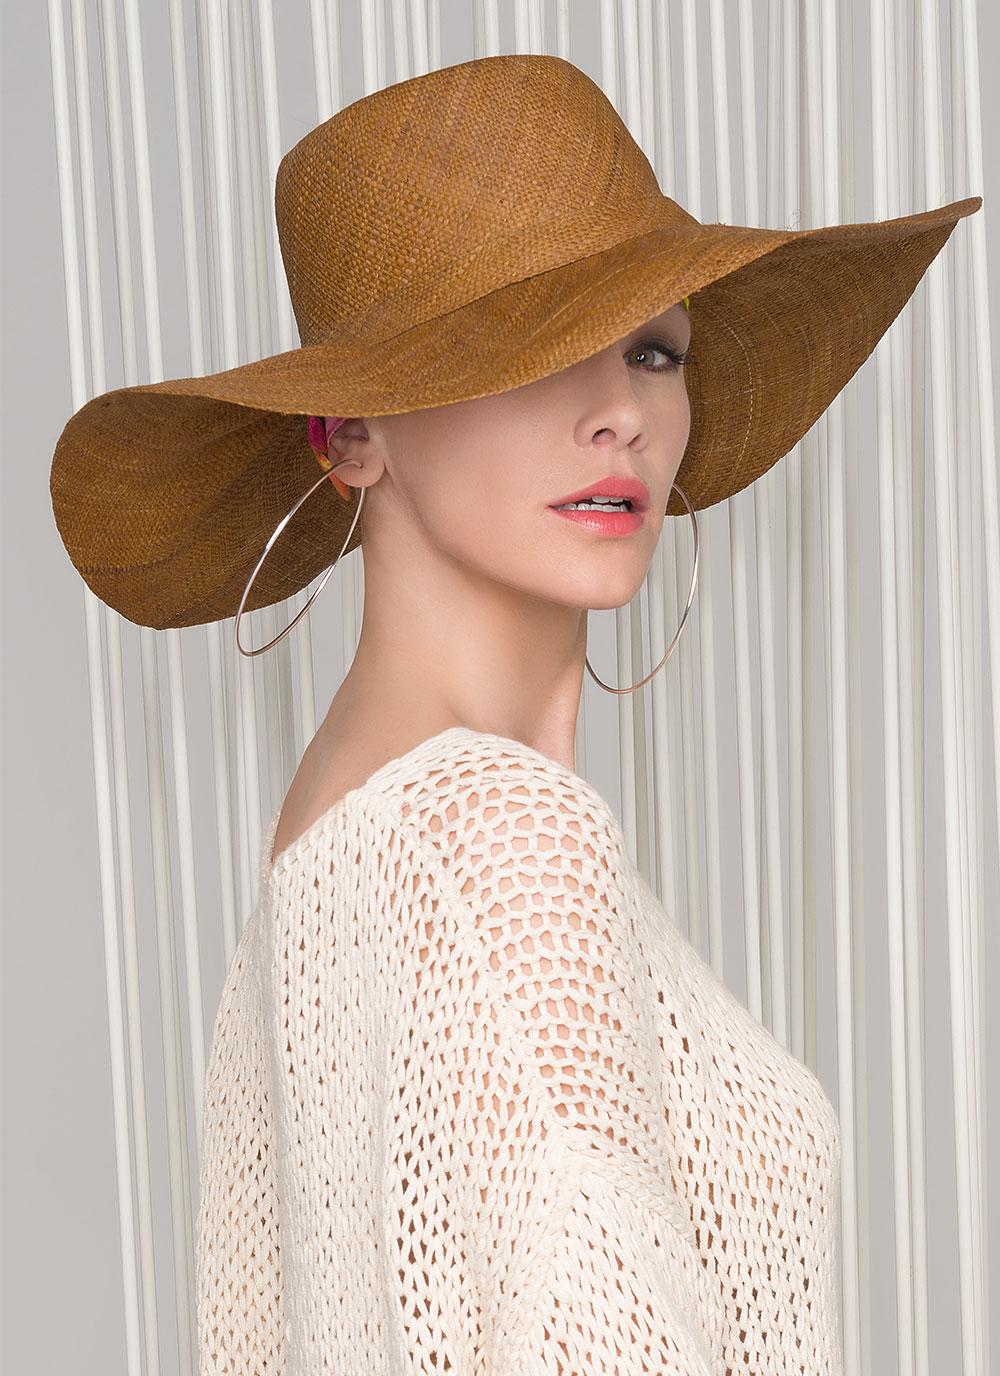 Ellen Wille Kopfbedeckung: Chapeau